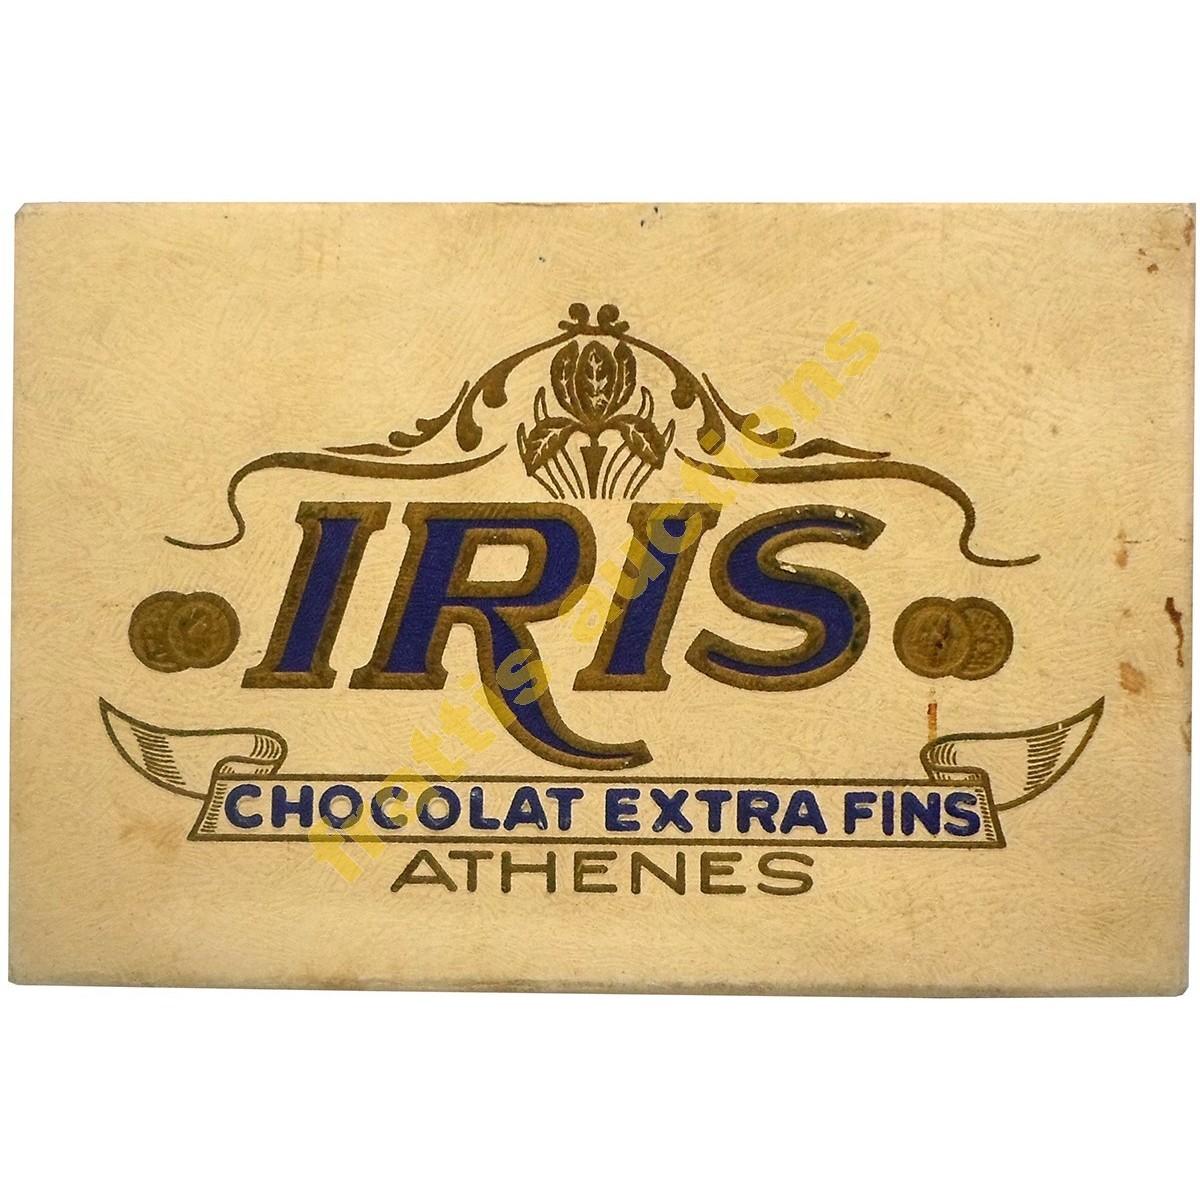 Σοκολάτα, Iris, Αθήνα, χάρτινο κουτί.